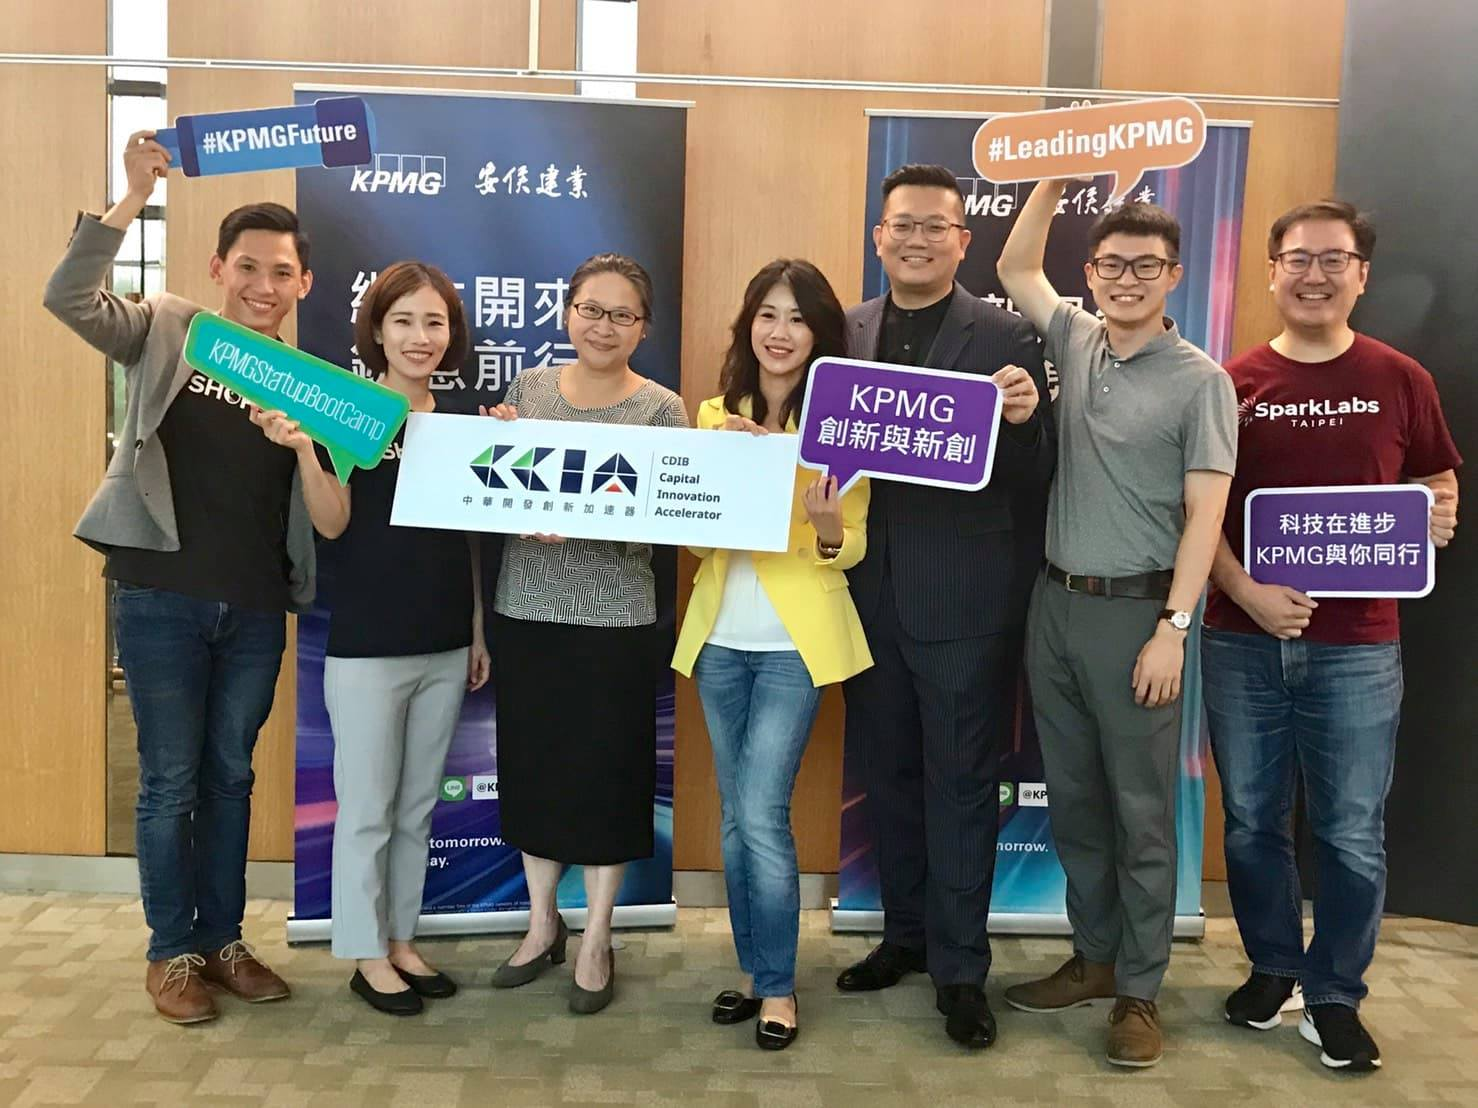 布爾喬亞進擊創新創業領域,現身KPMG Startup Boot Camp不藏私教戰如何投資經營「形象資產」